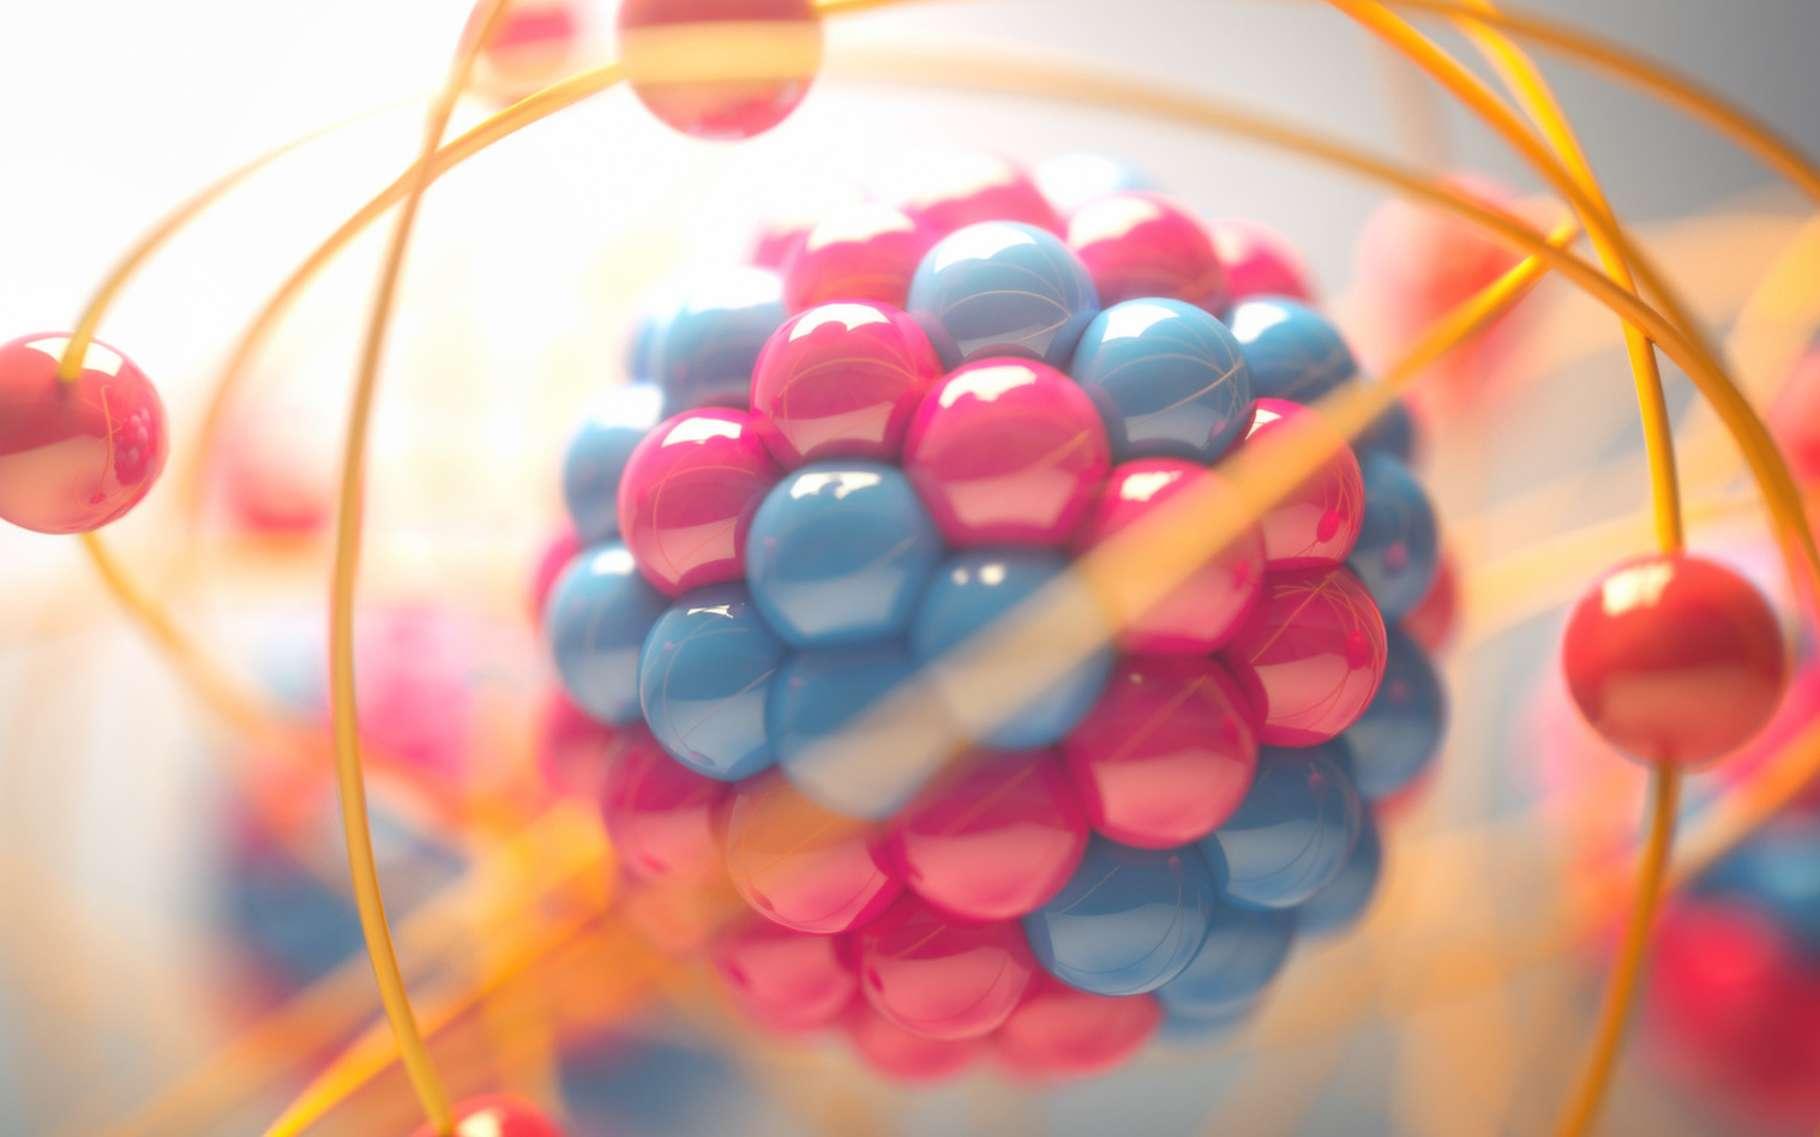 Des chercheurs allemands ont mesuré la masse du proton. Celui-ci serait plus léger que prévu. Mais l'équipe appelle d'autres physiciens à procéder à leurs propres mesures pour s'assurer de la validité du résultat. © ktsdesign, Fotolia